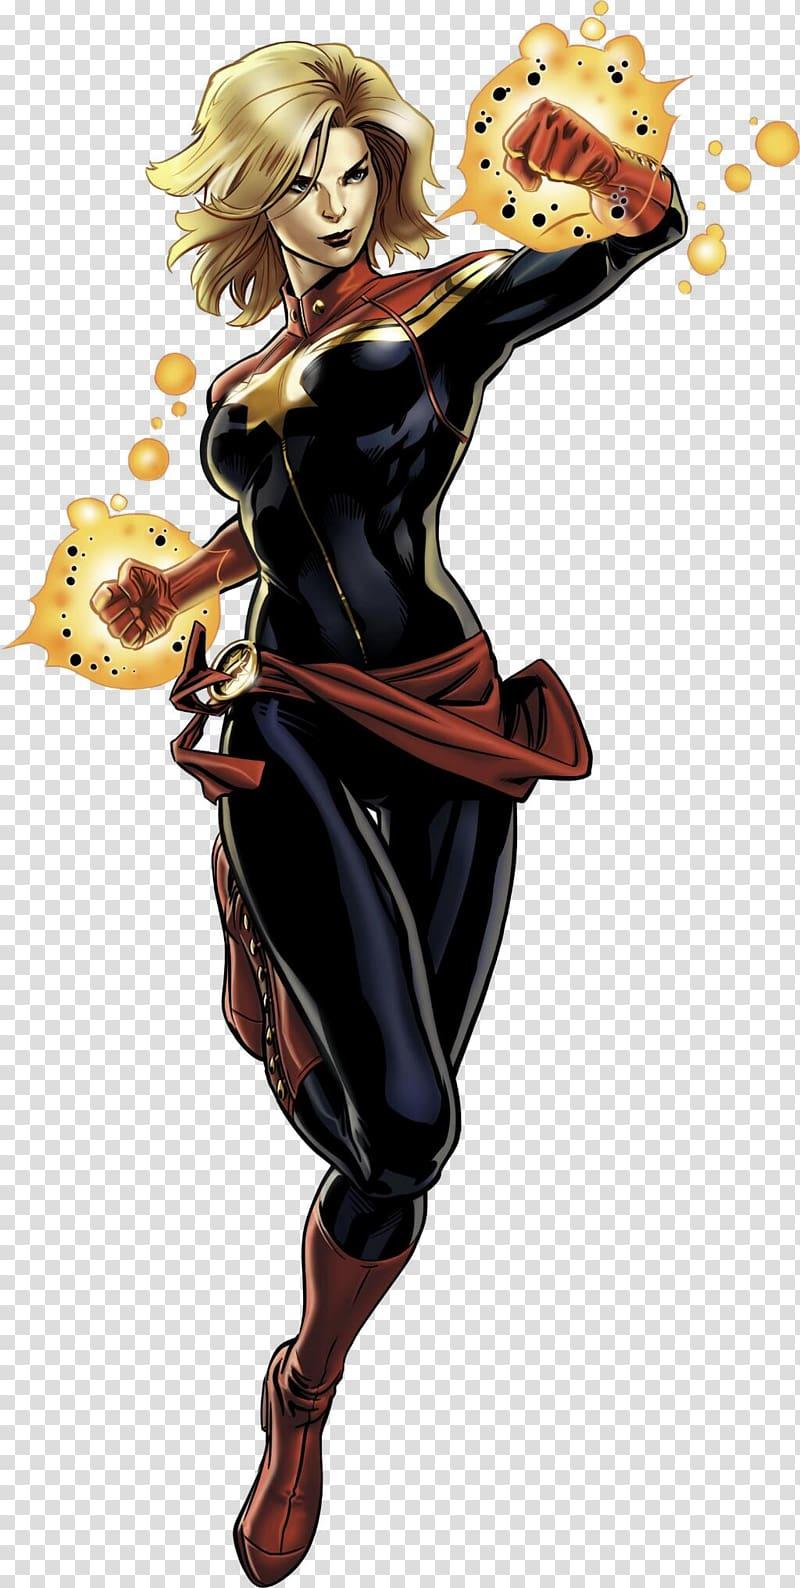 Carol Danvers Marvel: Avengers Alliance Captain America Iron Man.